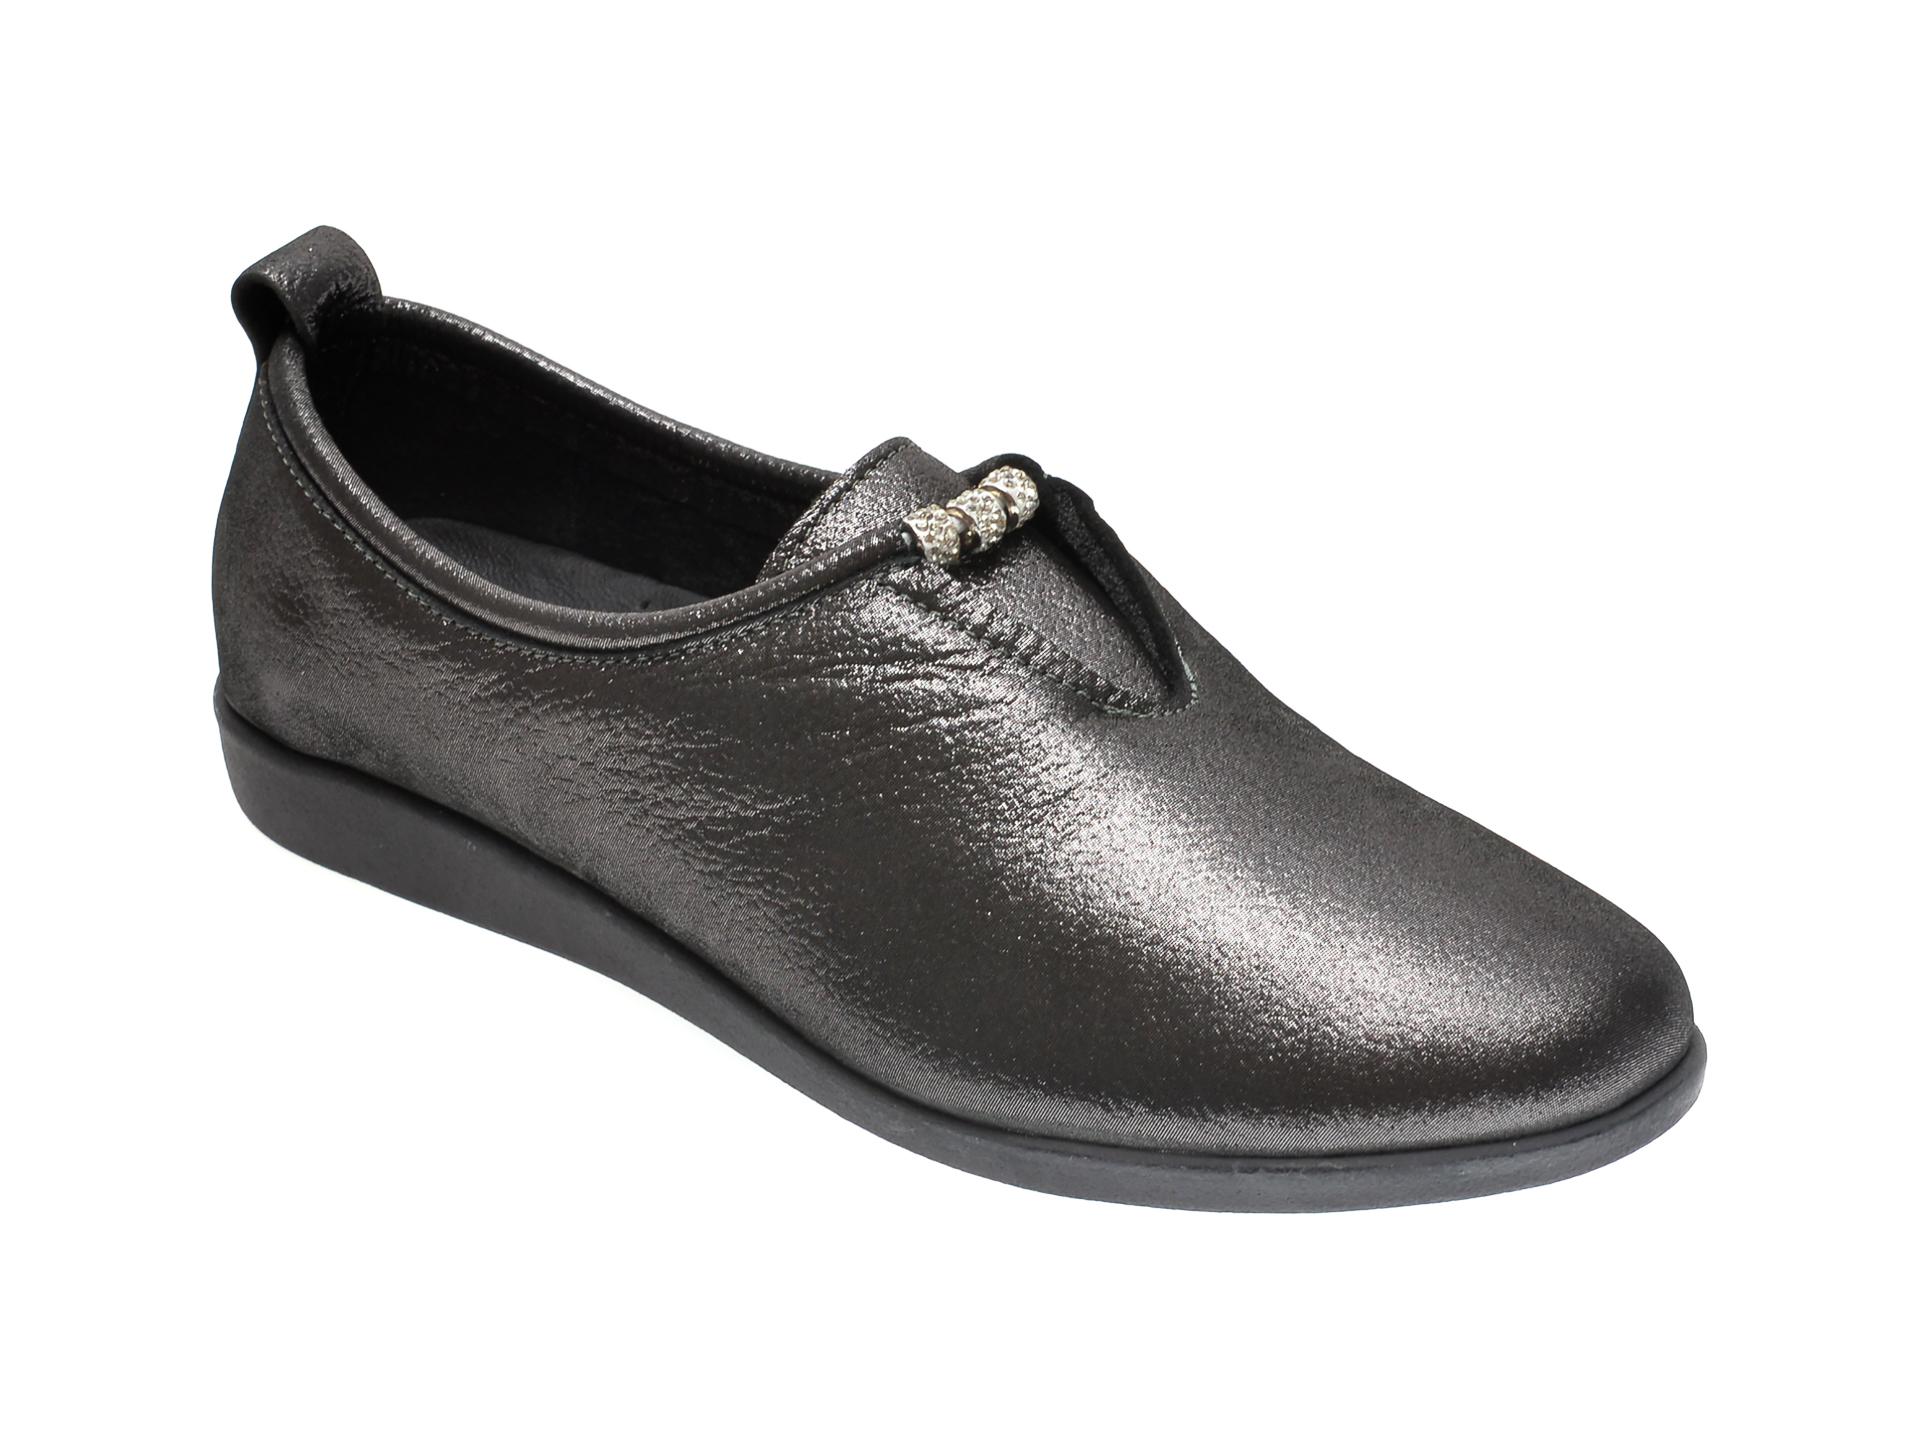 Pantofi ILOZ gri, 120, din piele naturala imagine